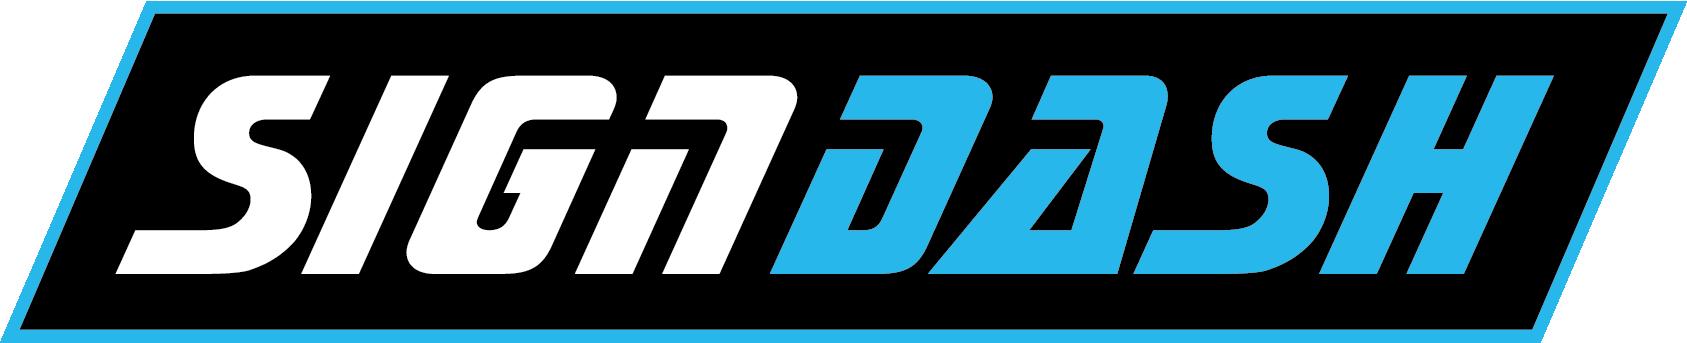 signdash_logo.png